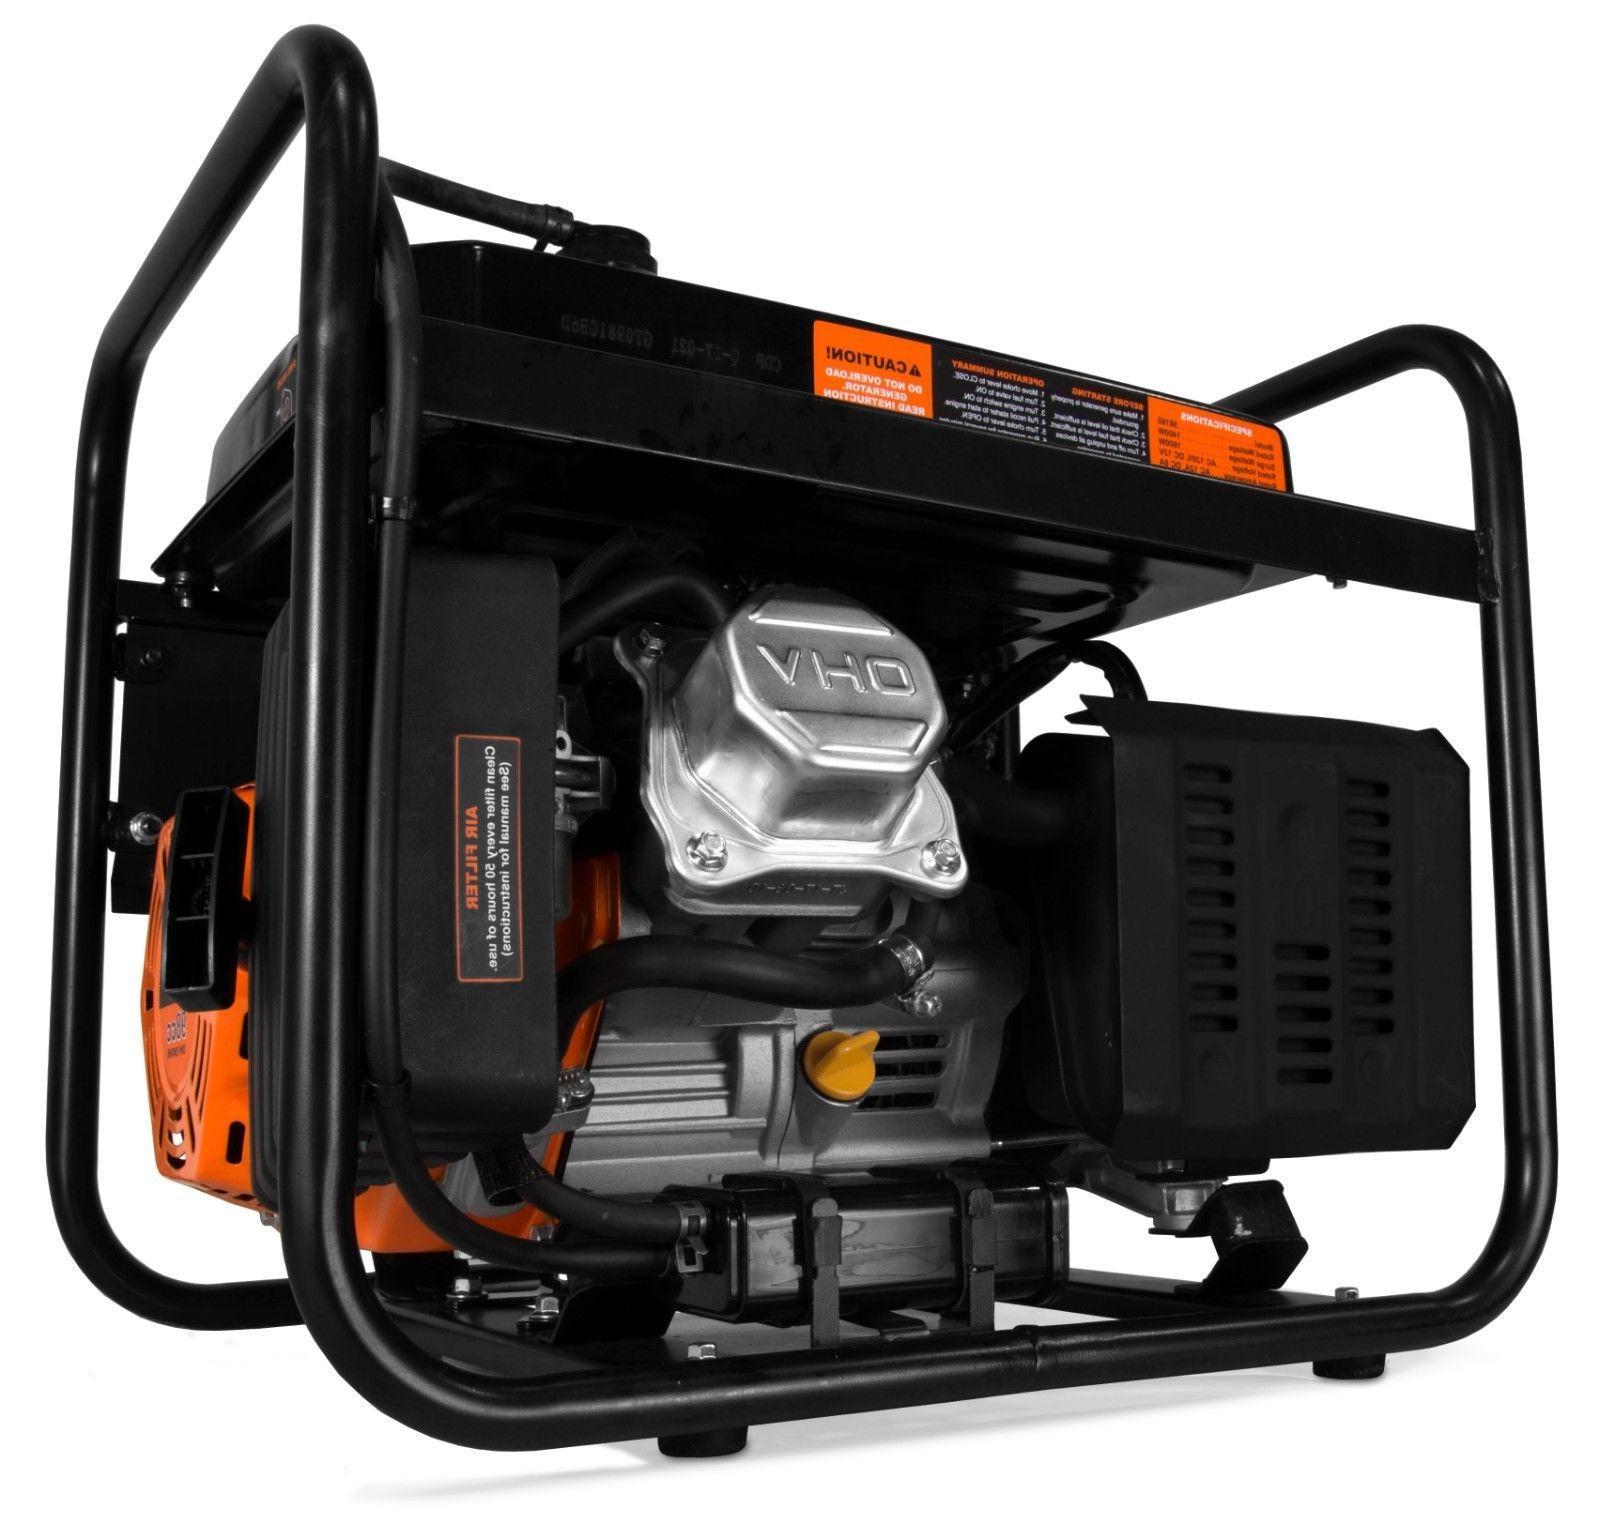 WEN 4-Stroke 1600-Watt Portable Power CARB Compliant